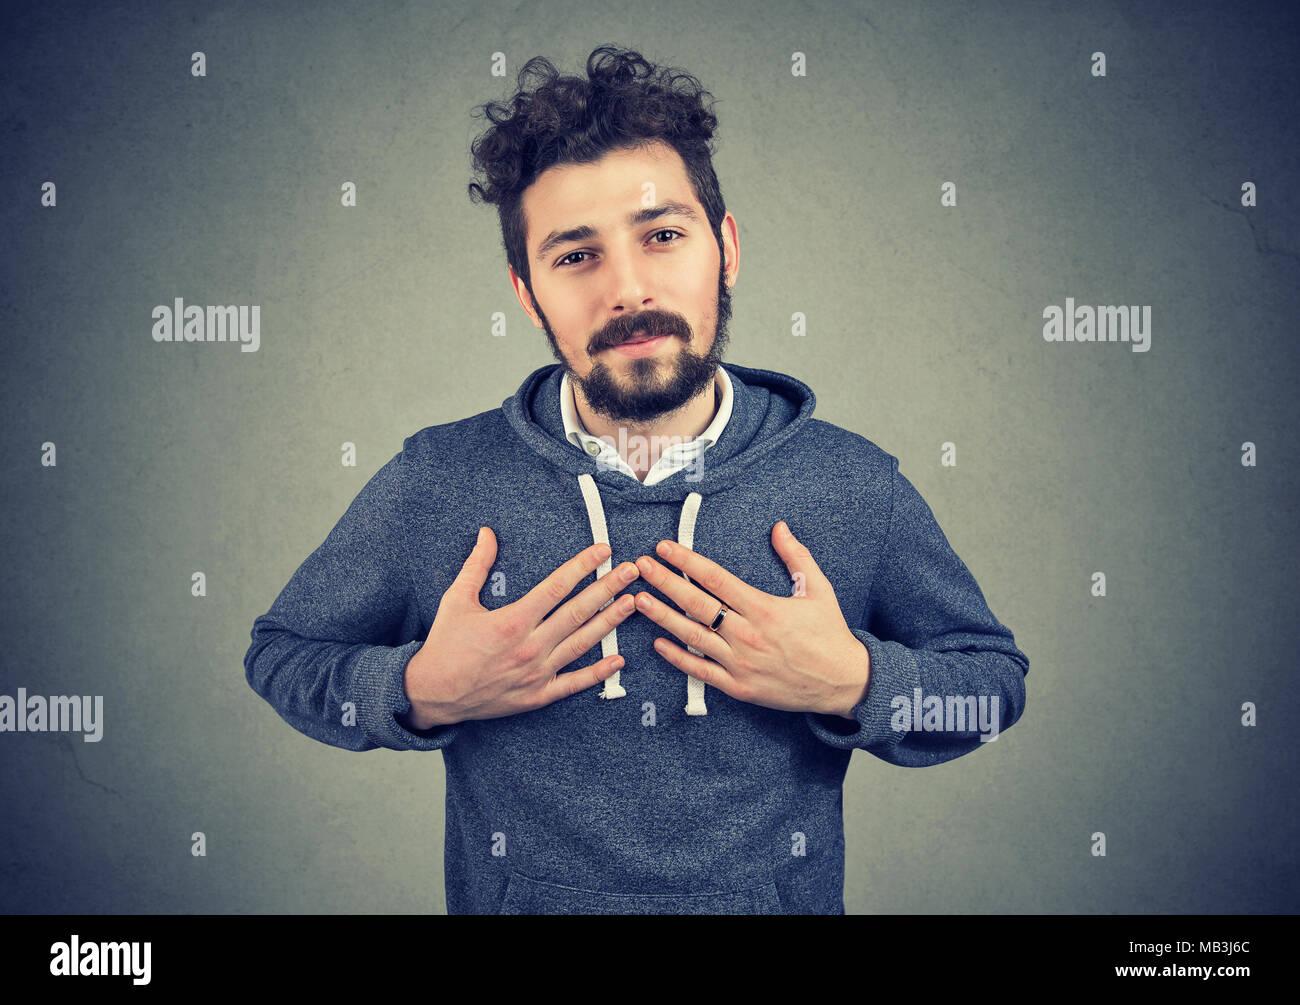 Homme fidèle garde les mains sur la poitrine près de cœur, montre la bonté exprime des émotions sincères, être gentil et honnête. Photo Stock